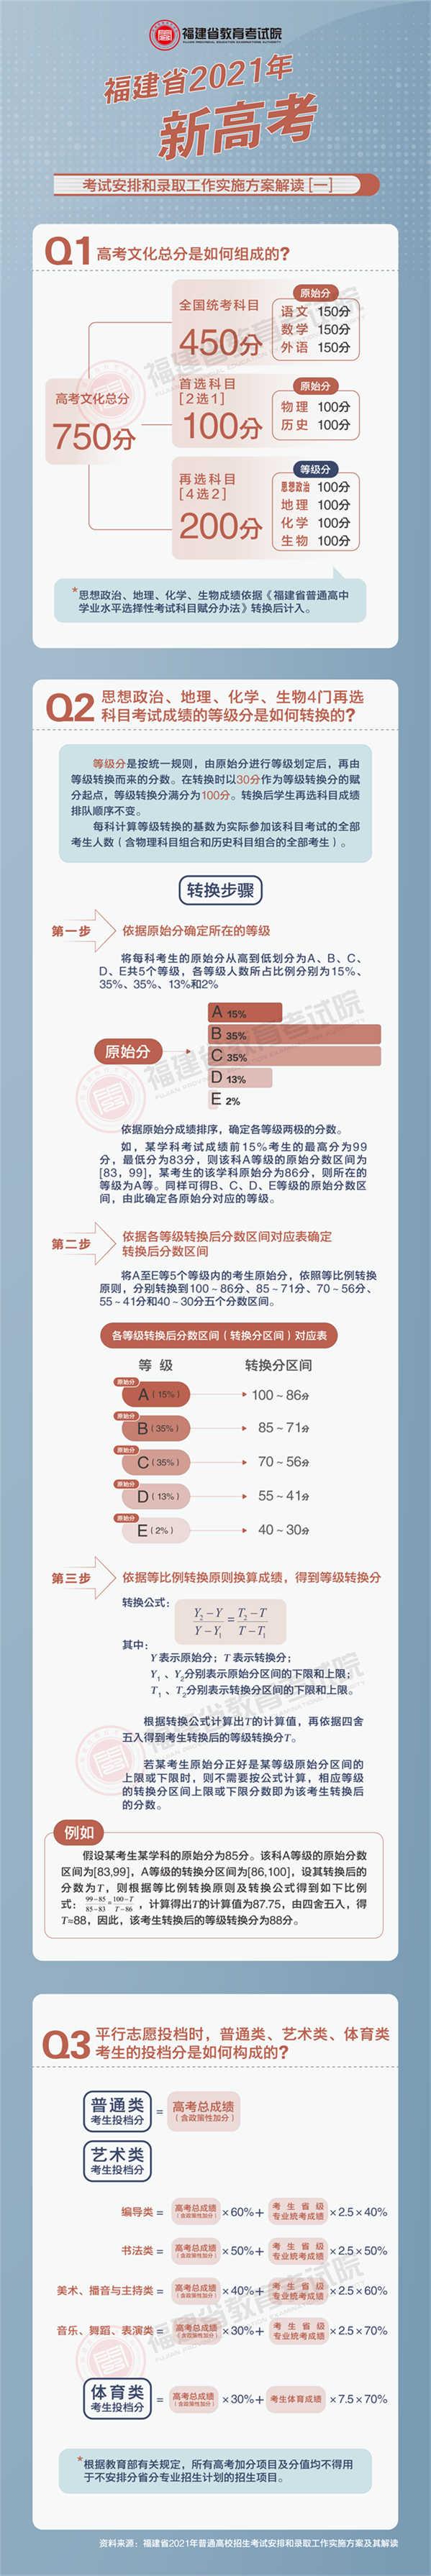 福建省2021年新高考考试安排和录取工作实施方案解读(一)